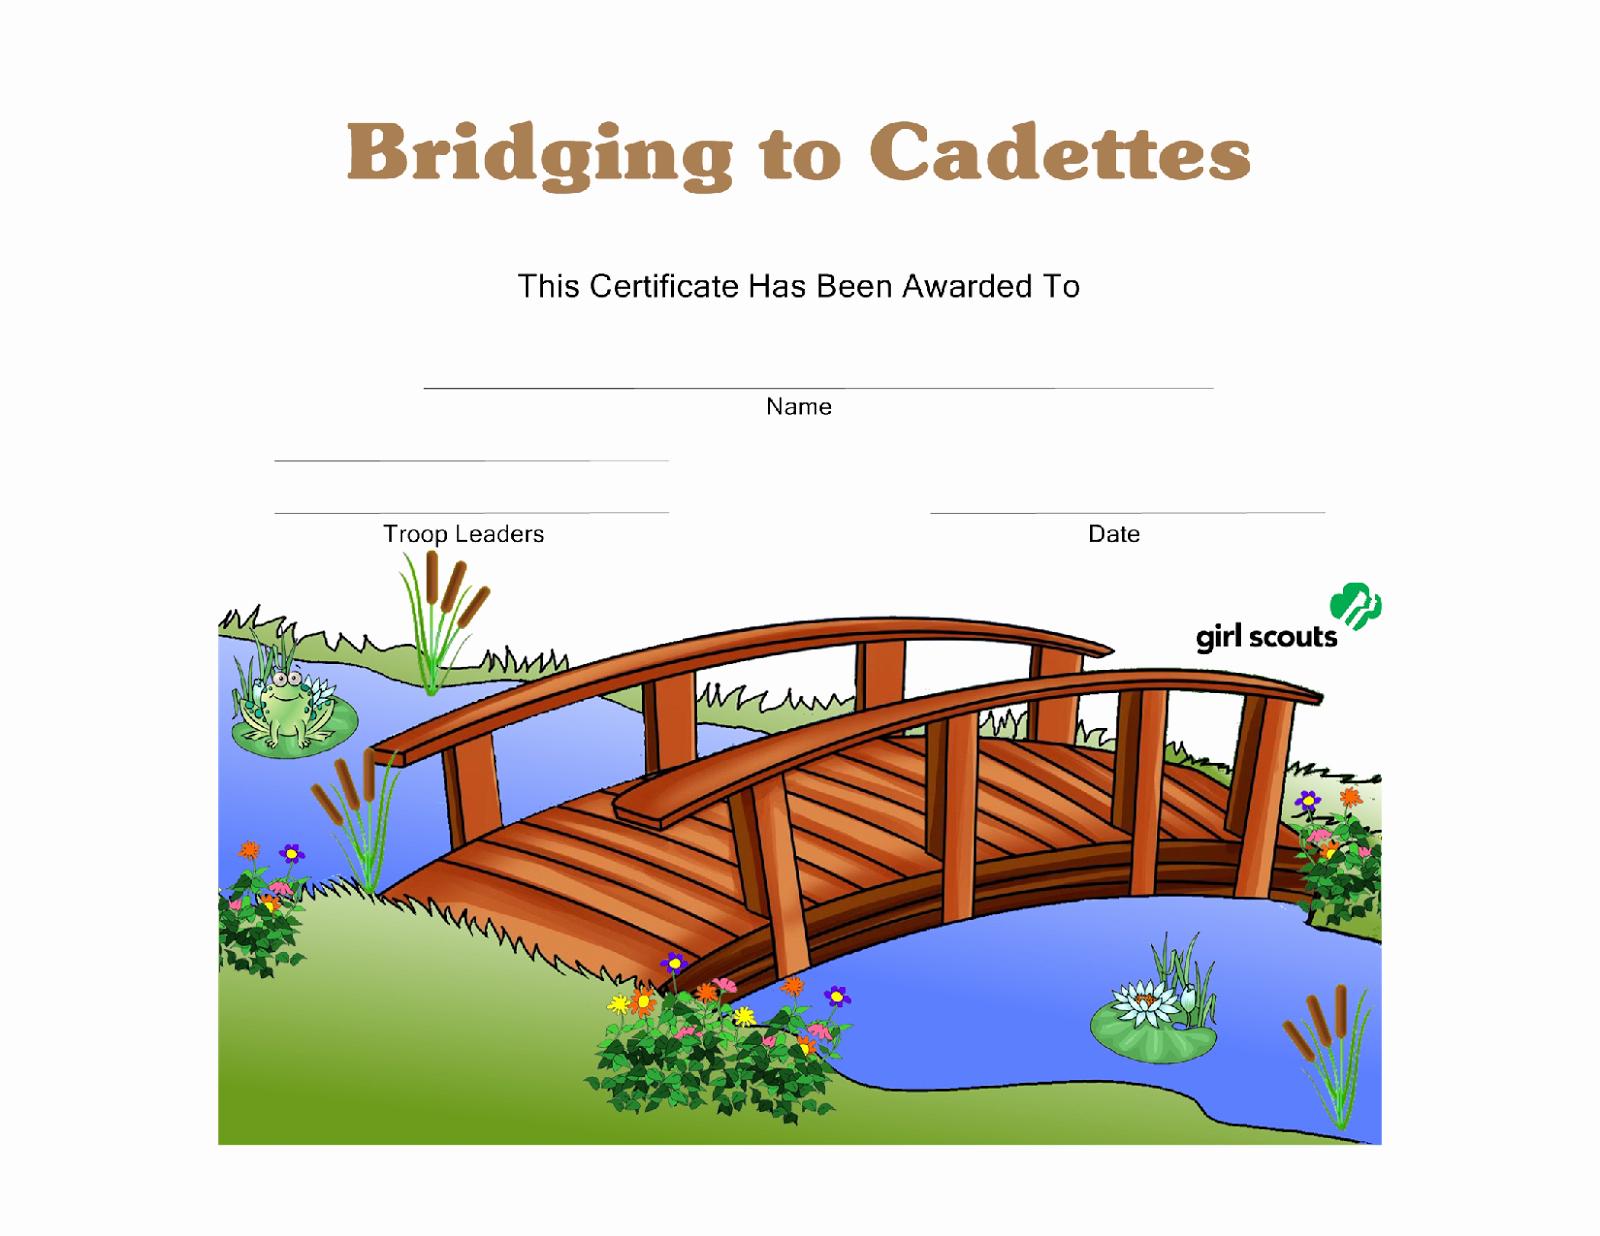 Girls Scout Bridging Certificates Elegant Girl Scout Printables Bridging to Cadettes Certificate